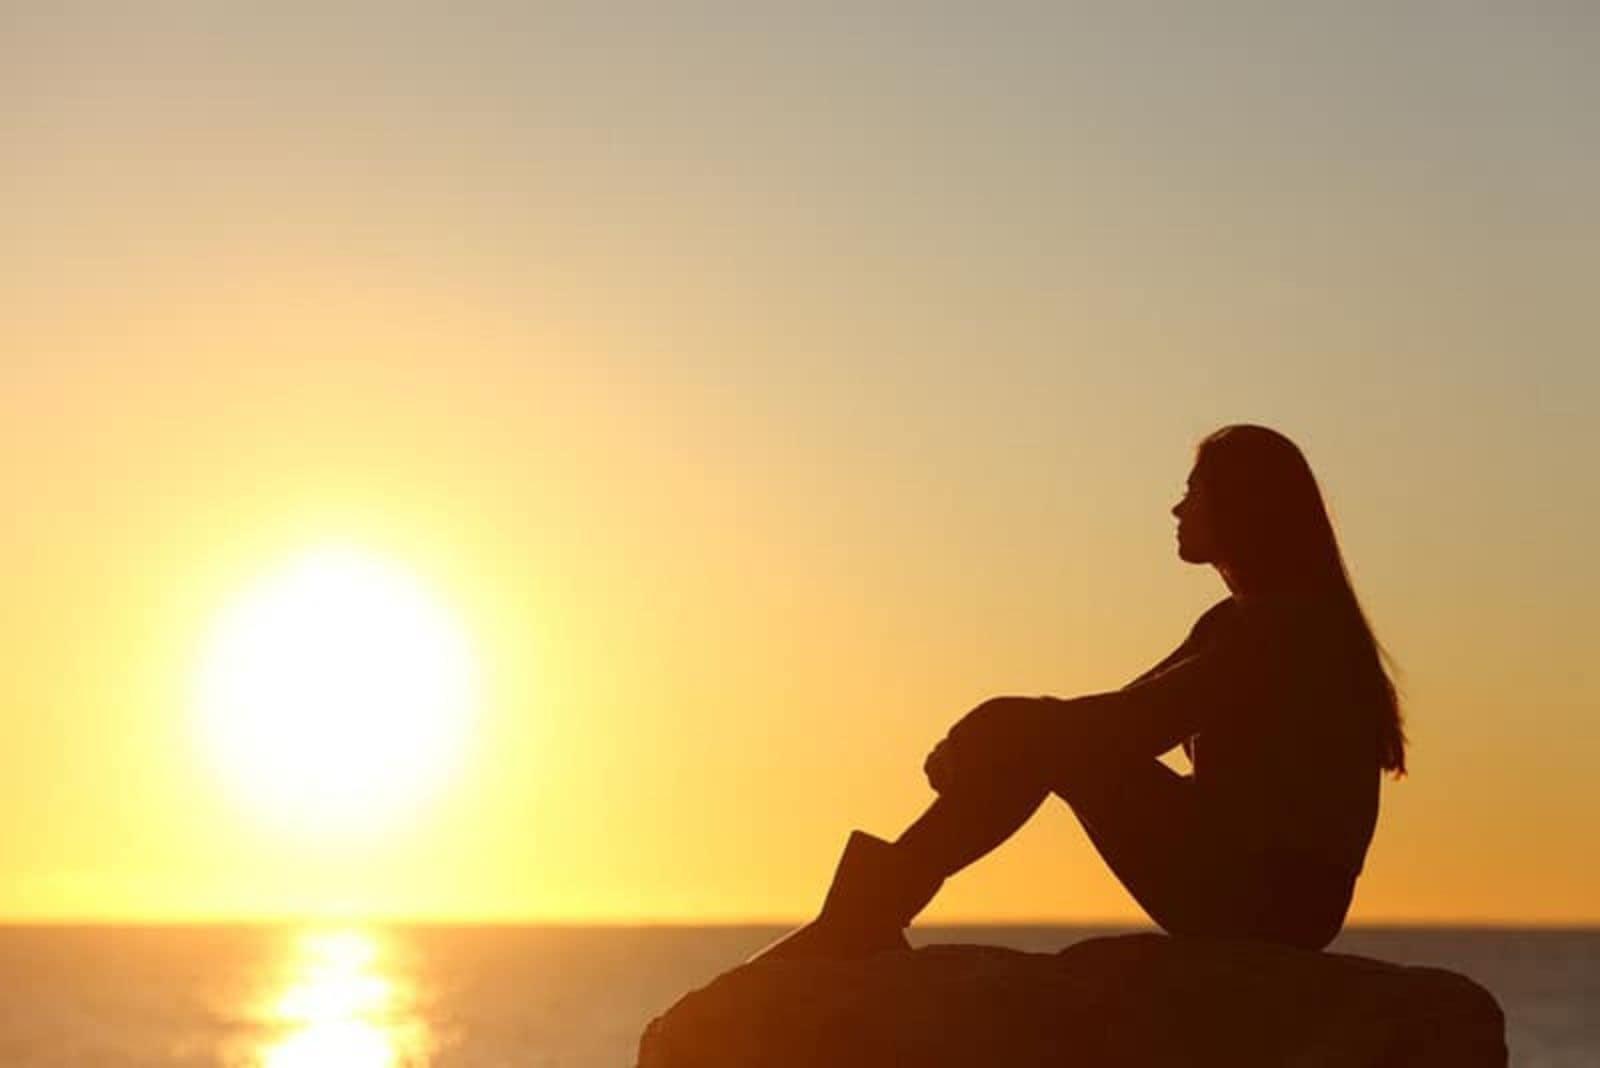 sad woman at sunset